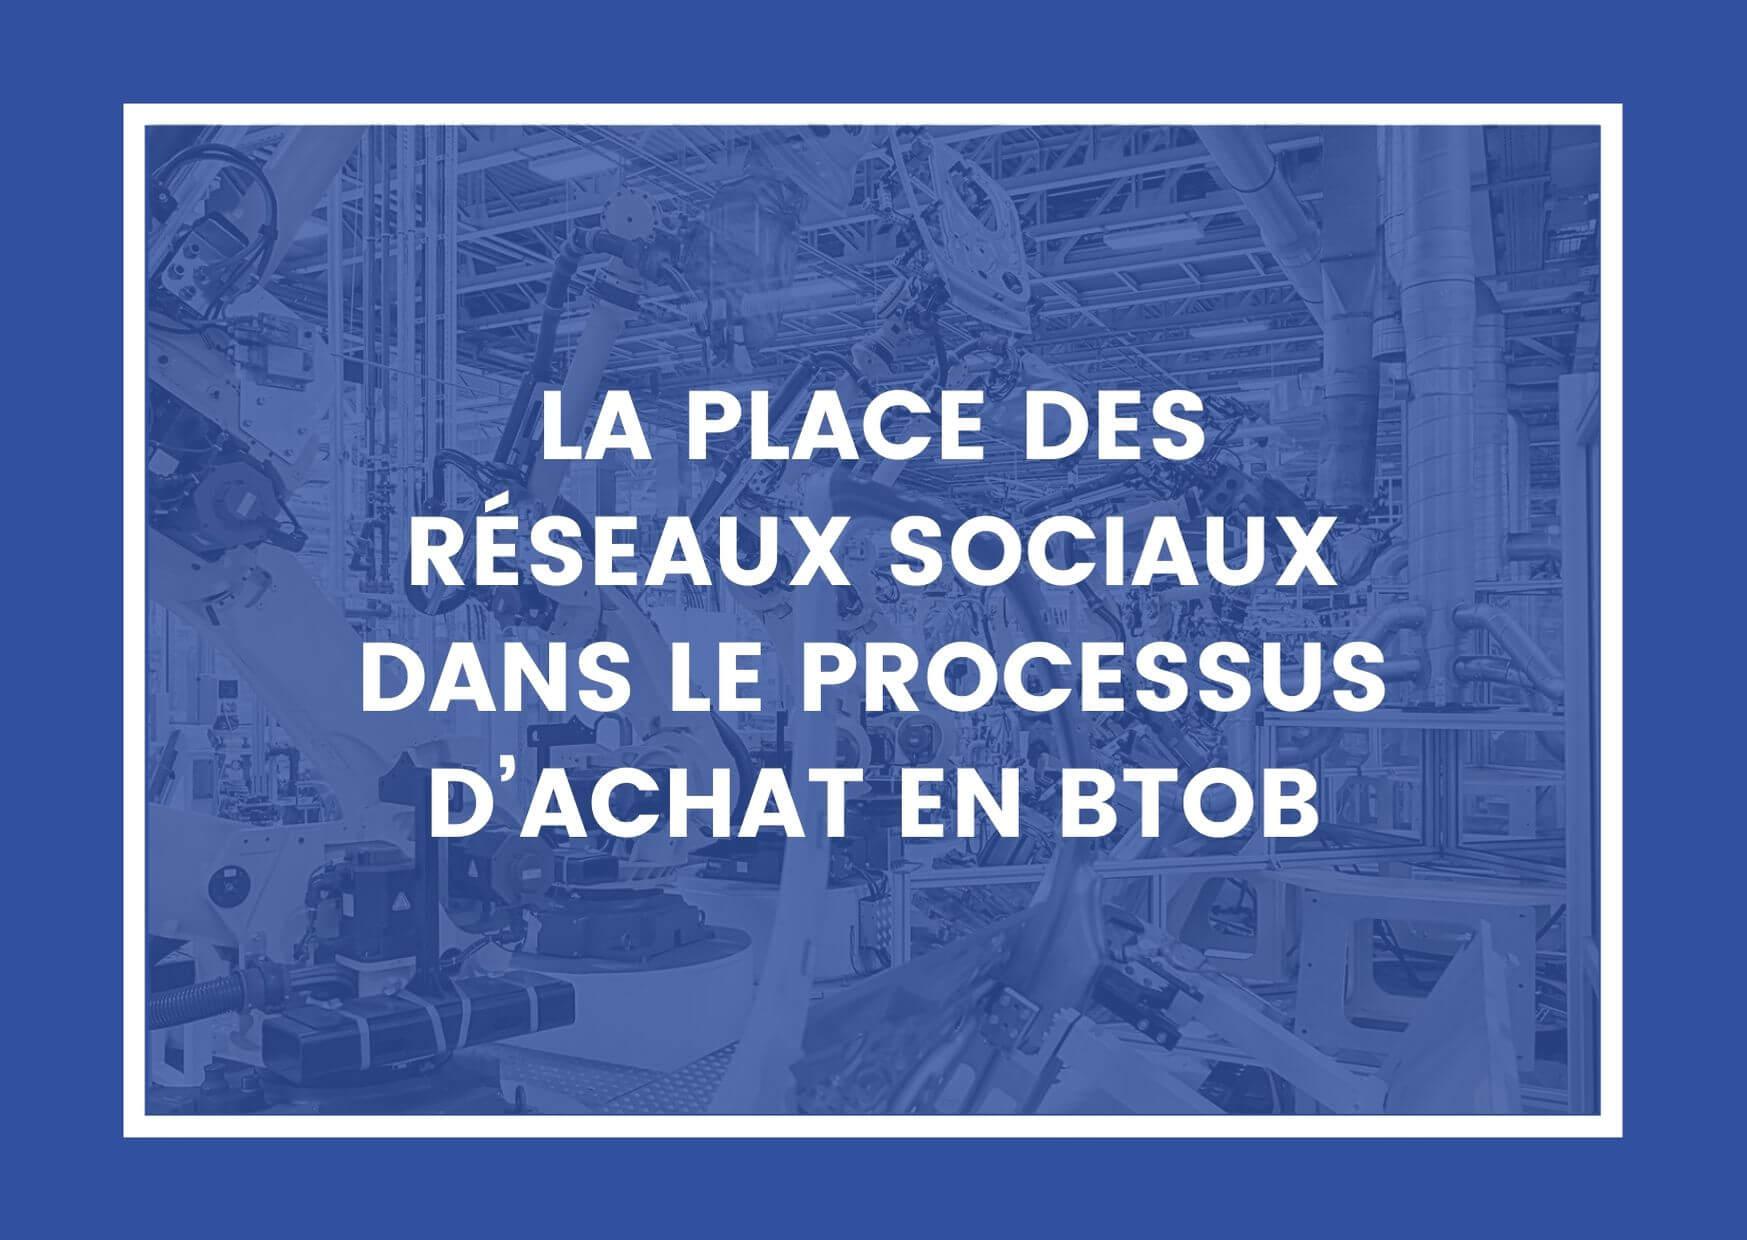 LA PLACE DES RÉSEAUX SOCIAUX DANS LE PROCESSUS D'ACHAT EN BTOB